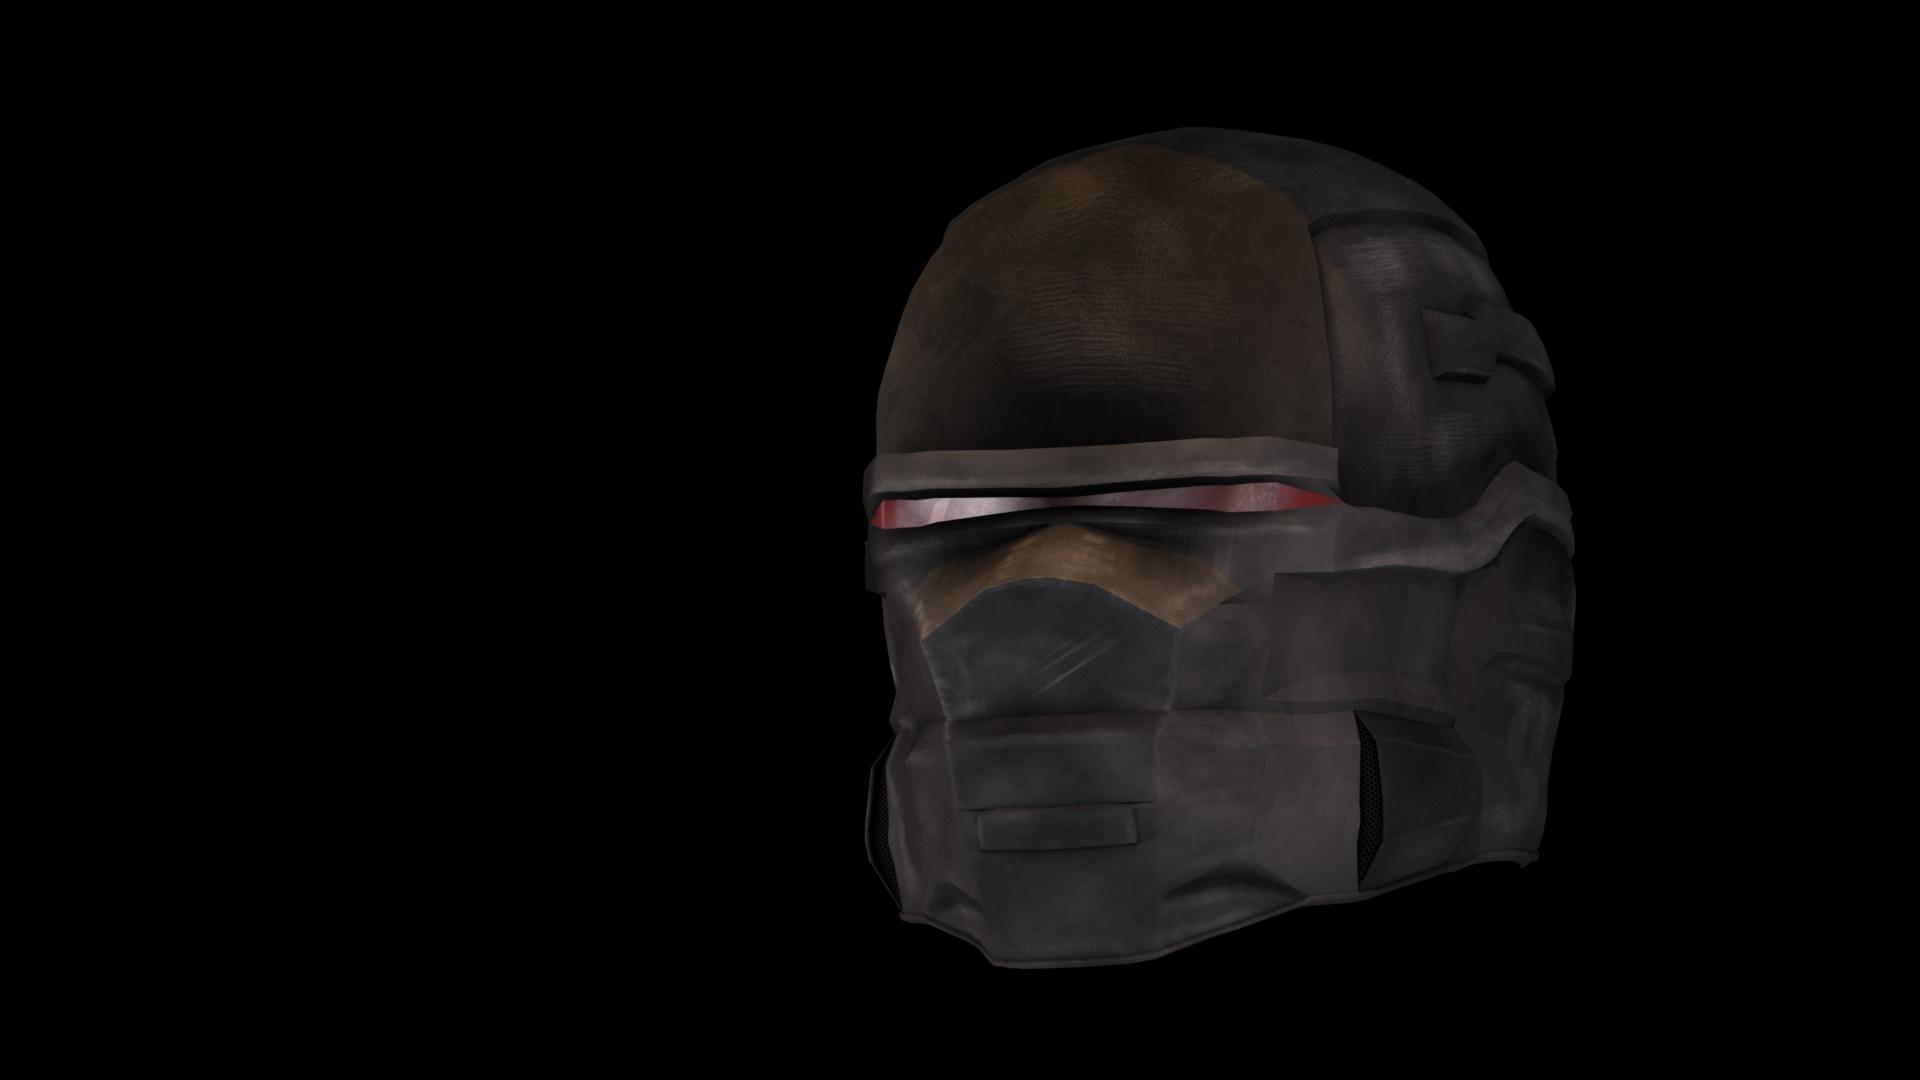 heavy_helmet_2_by_zeealex-d8ak28i.jpg